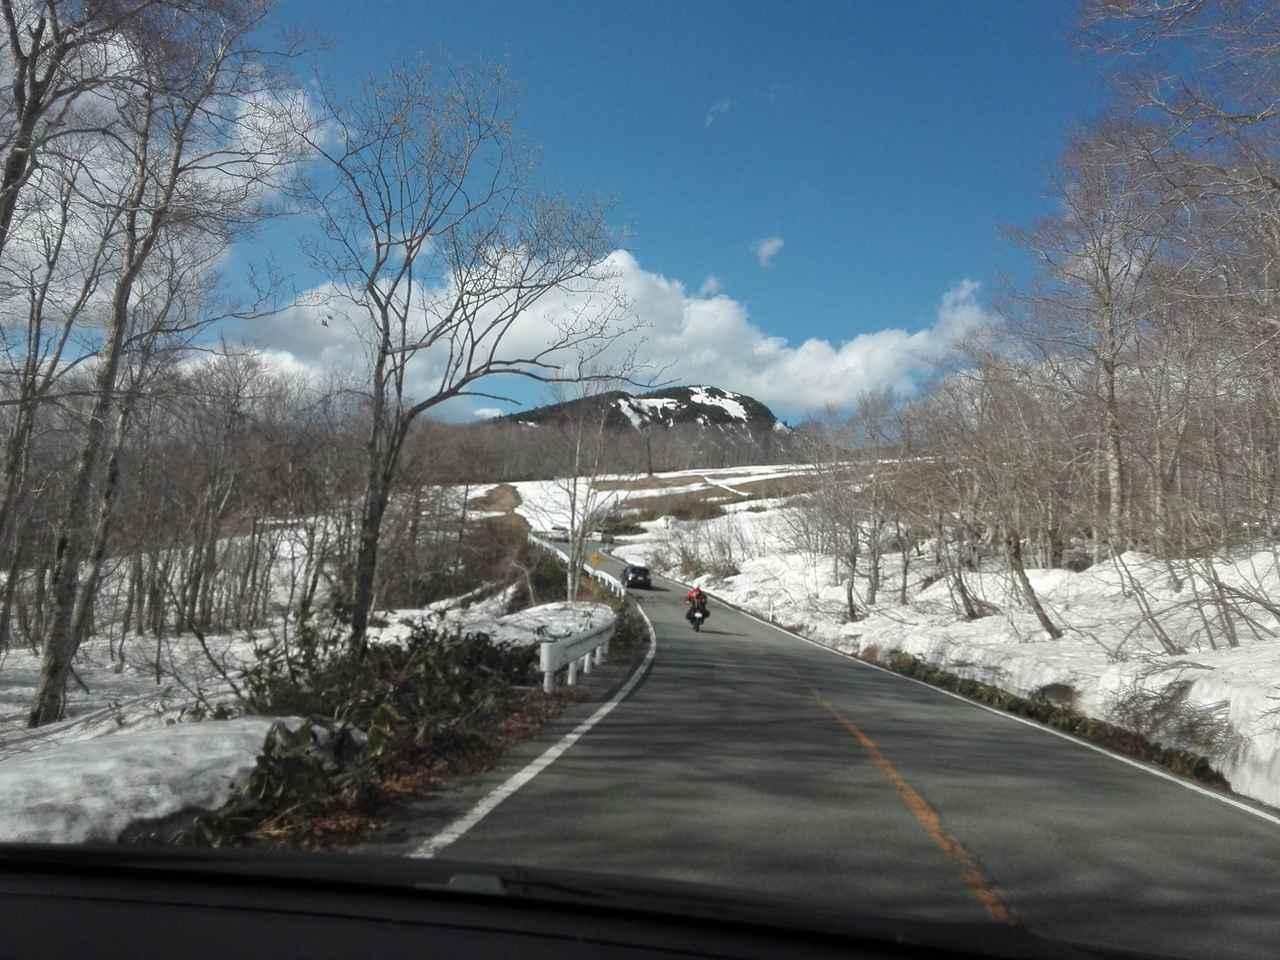 画像: 山形側からの「登り」の景色。林と雪、岩山などのコントラストが興味深い。「下り」は街を下界を見下ろす感じ。